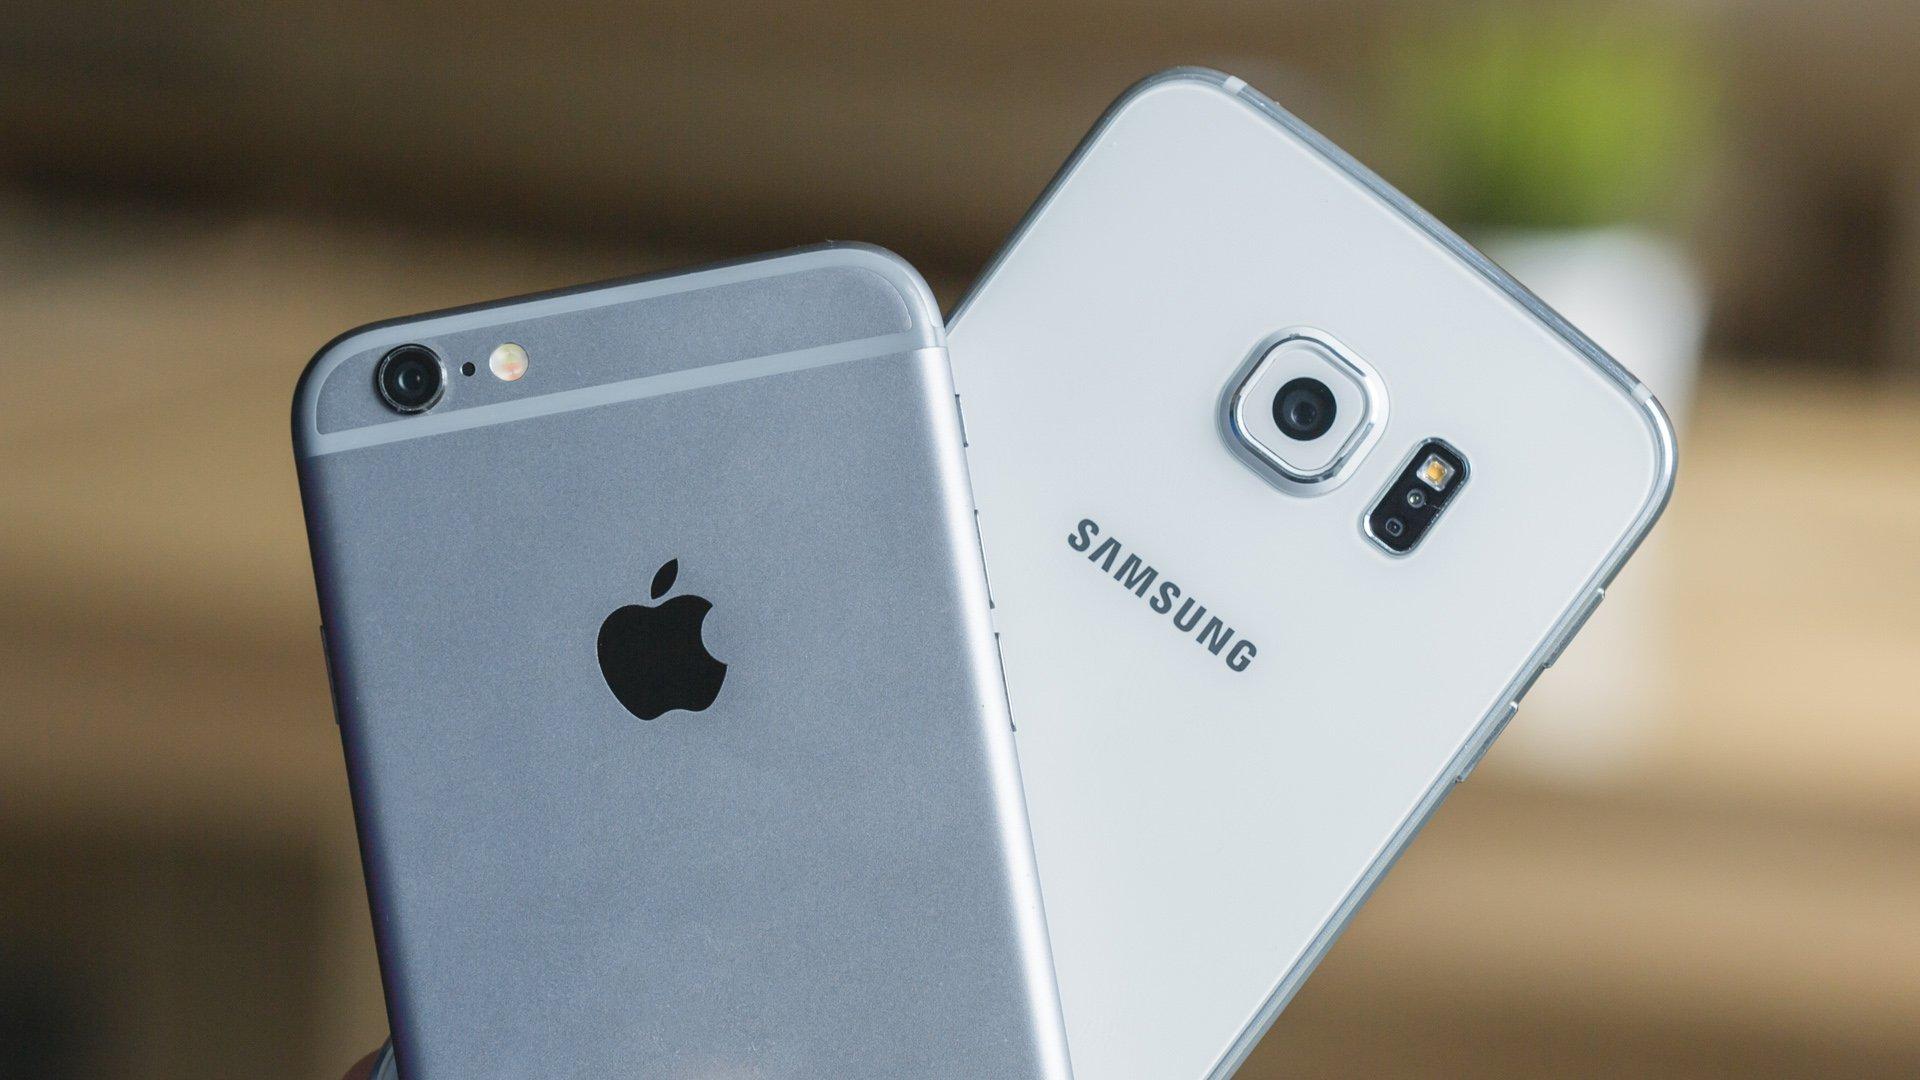 Galaxy S6 Vs Iphone 6s Comparison The Ultimate Rivalry